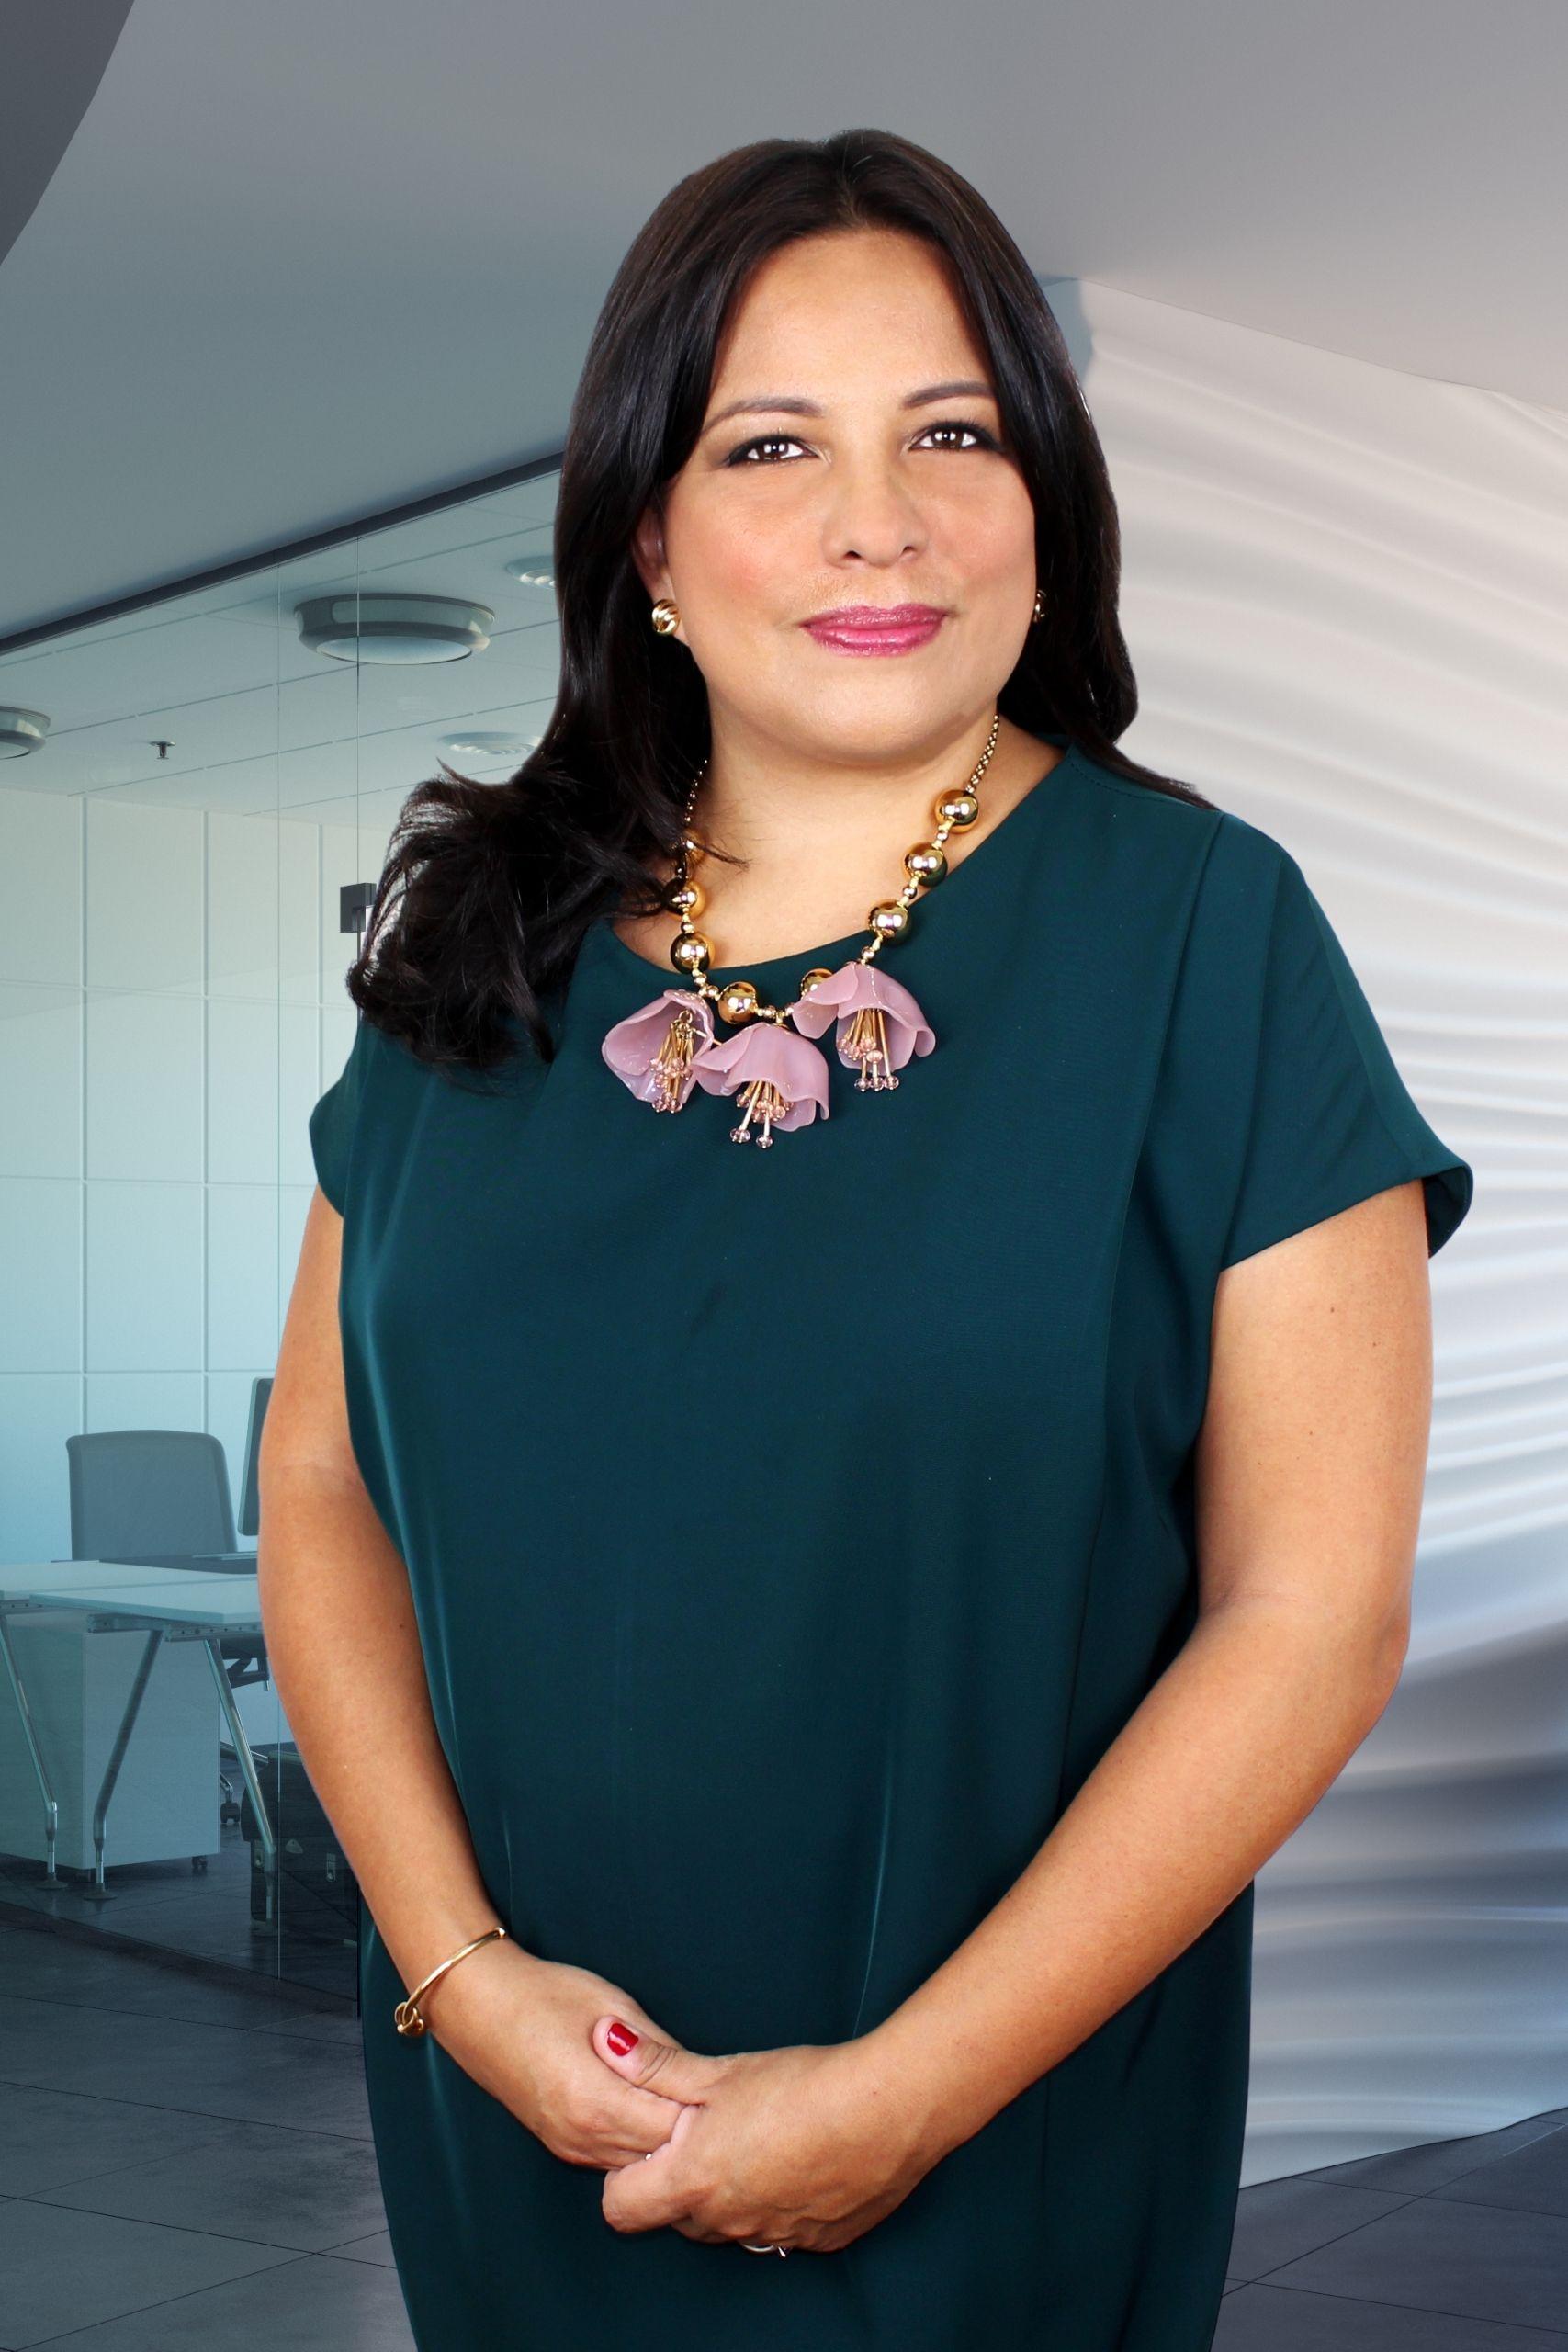 Cynthia Munailla Carbajal